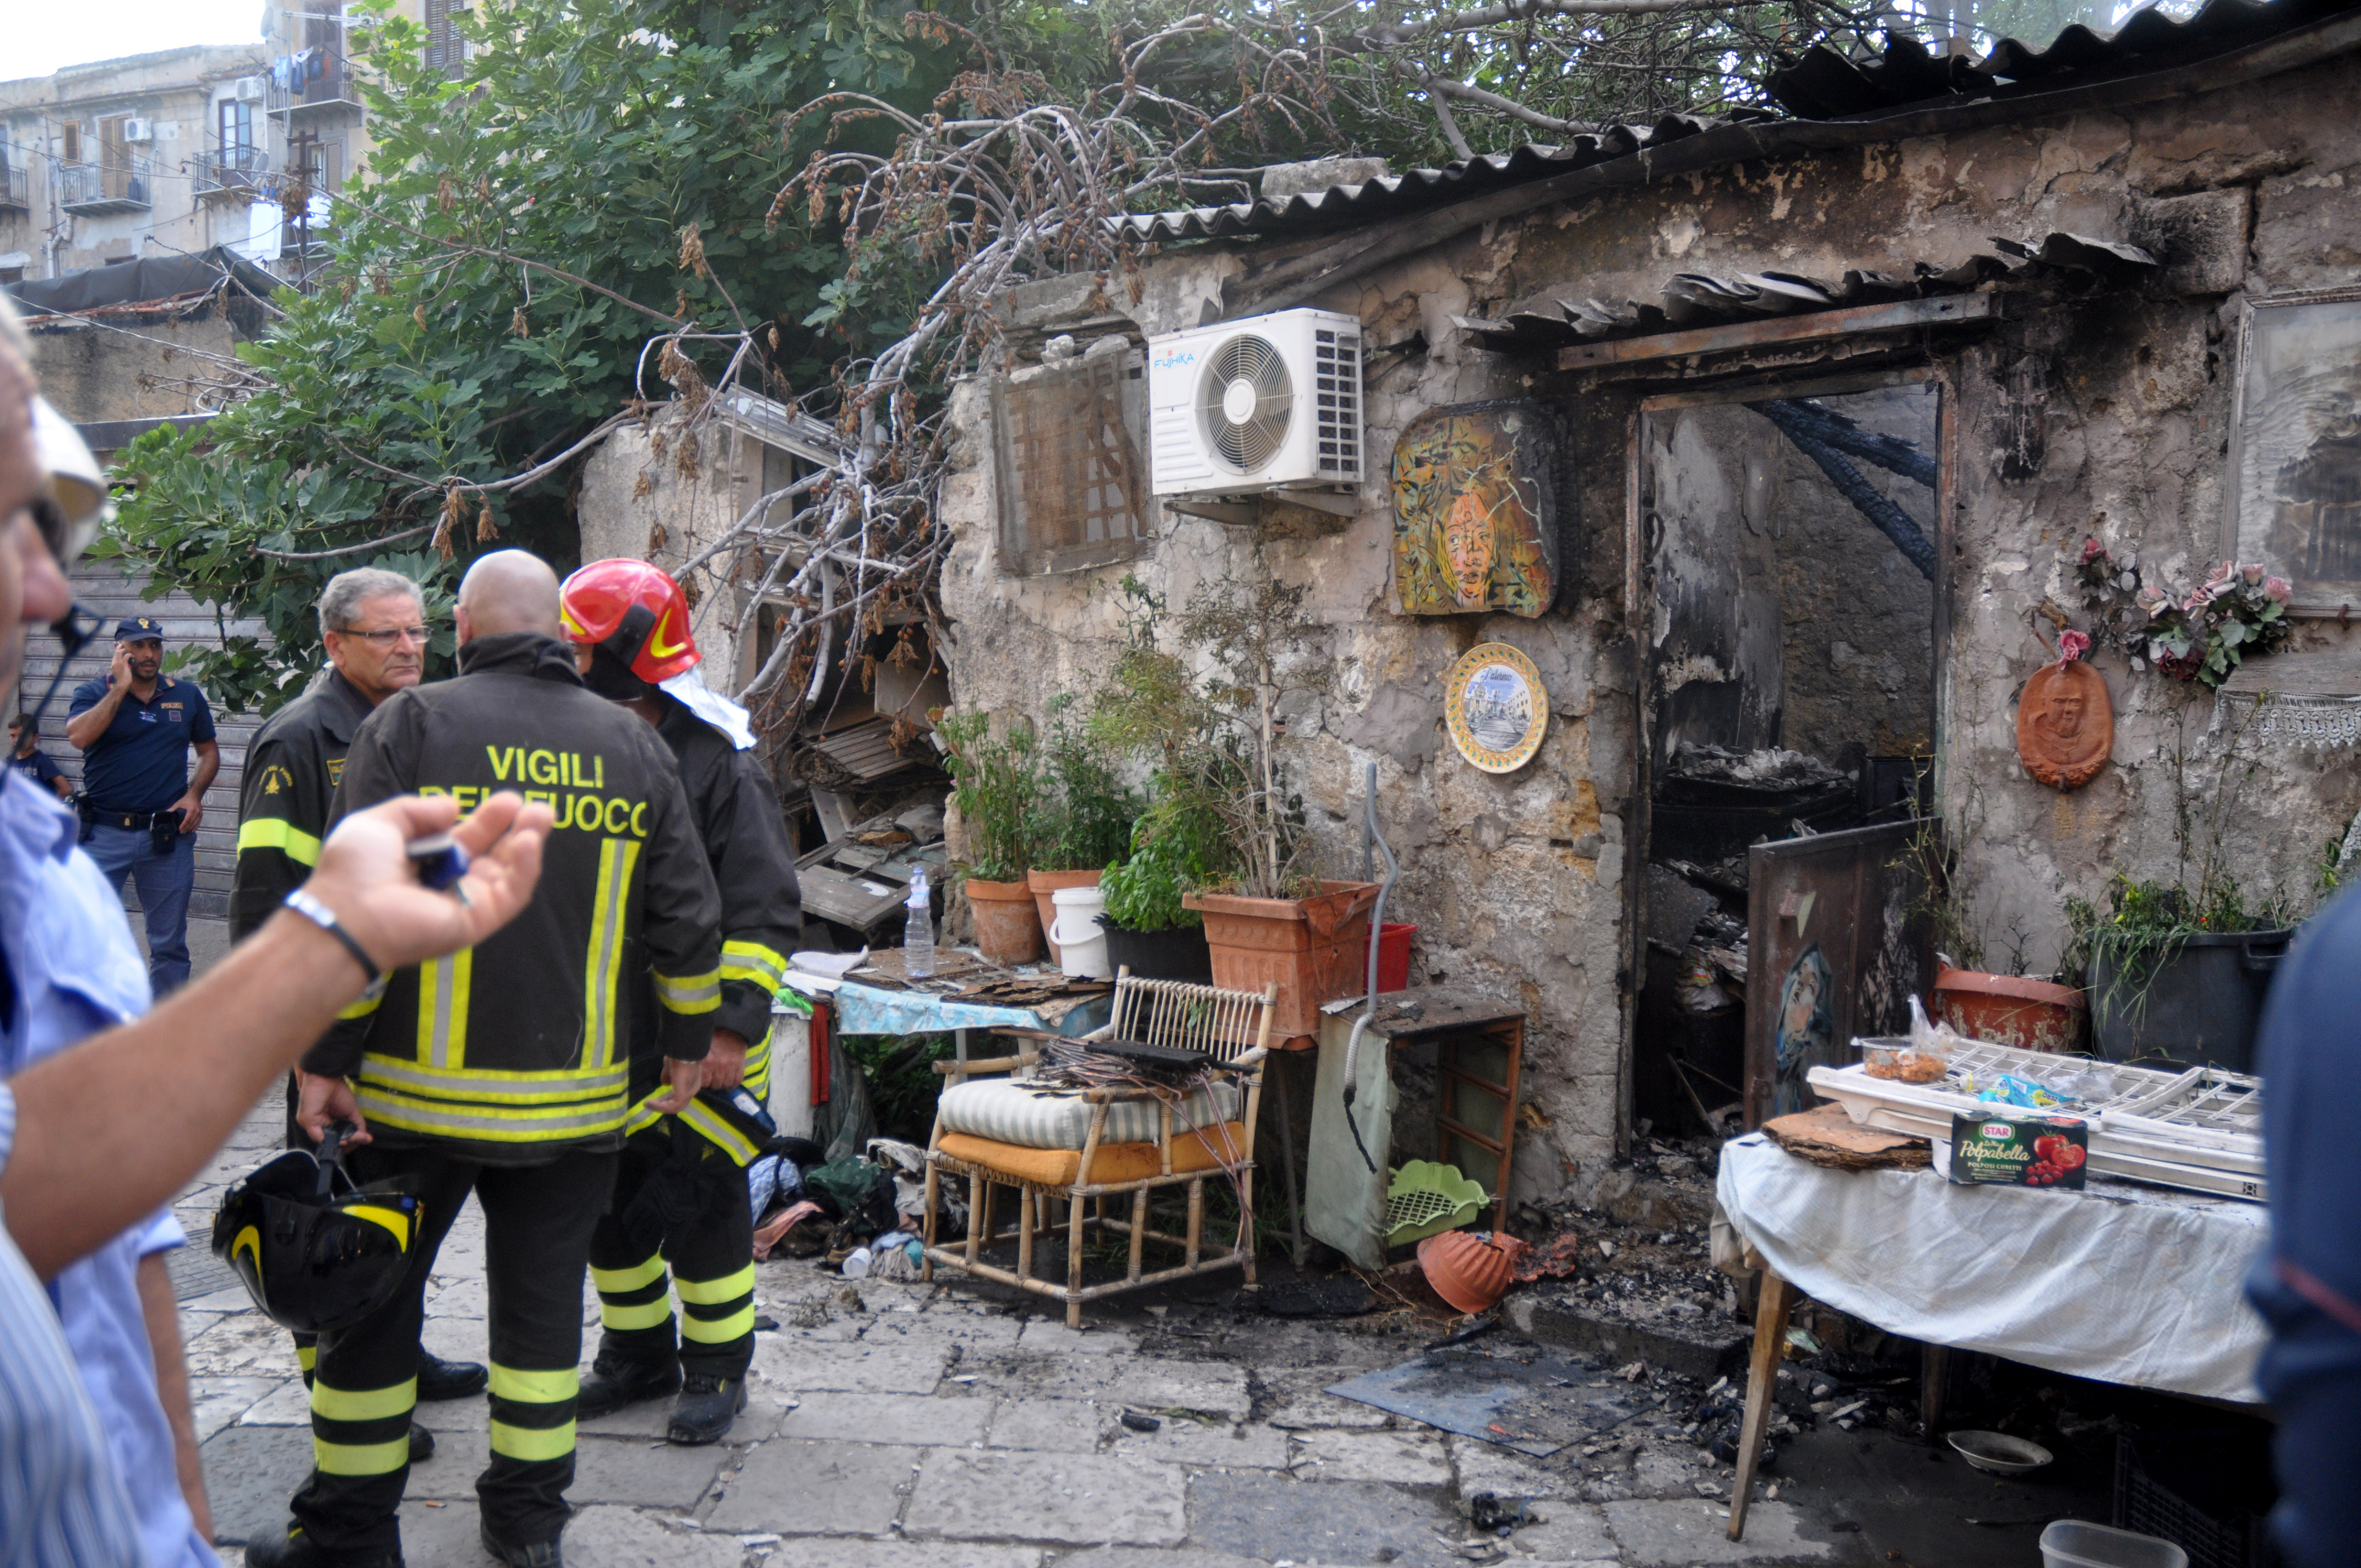 Incendio in centro a Palermo, un uomo è morto nel rogo